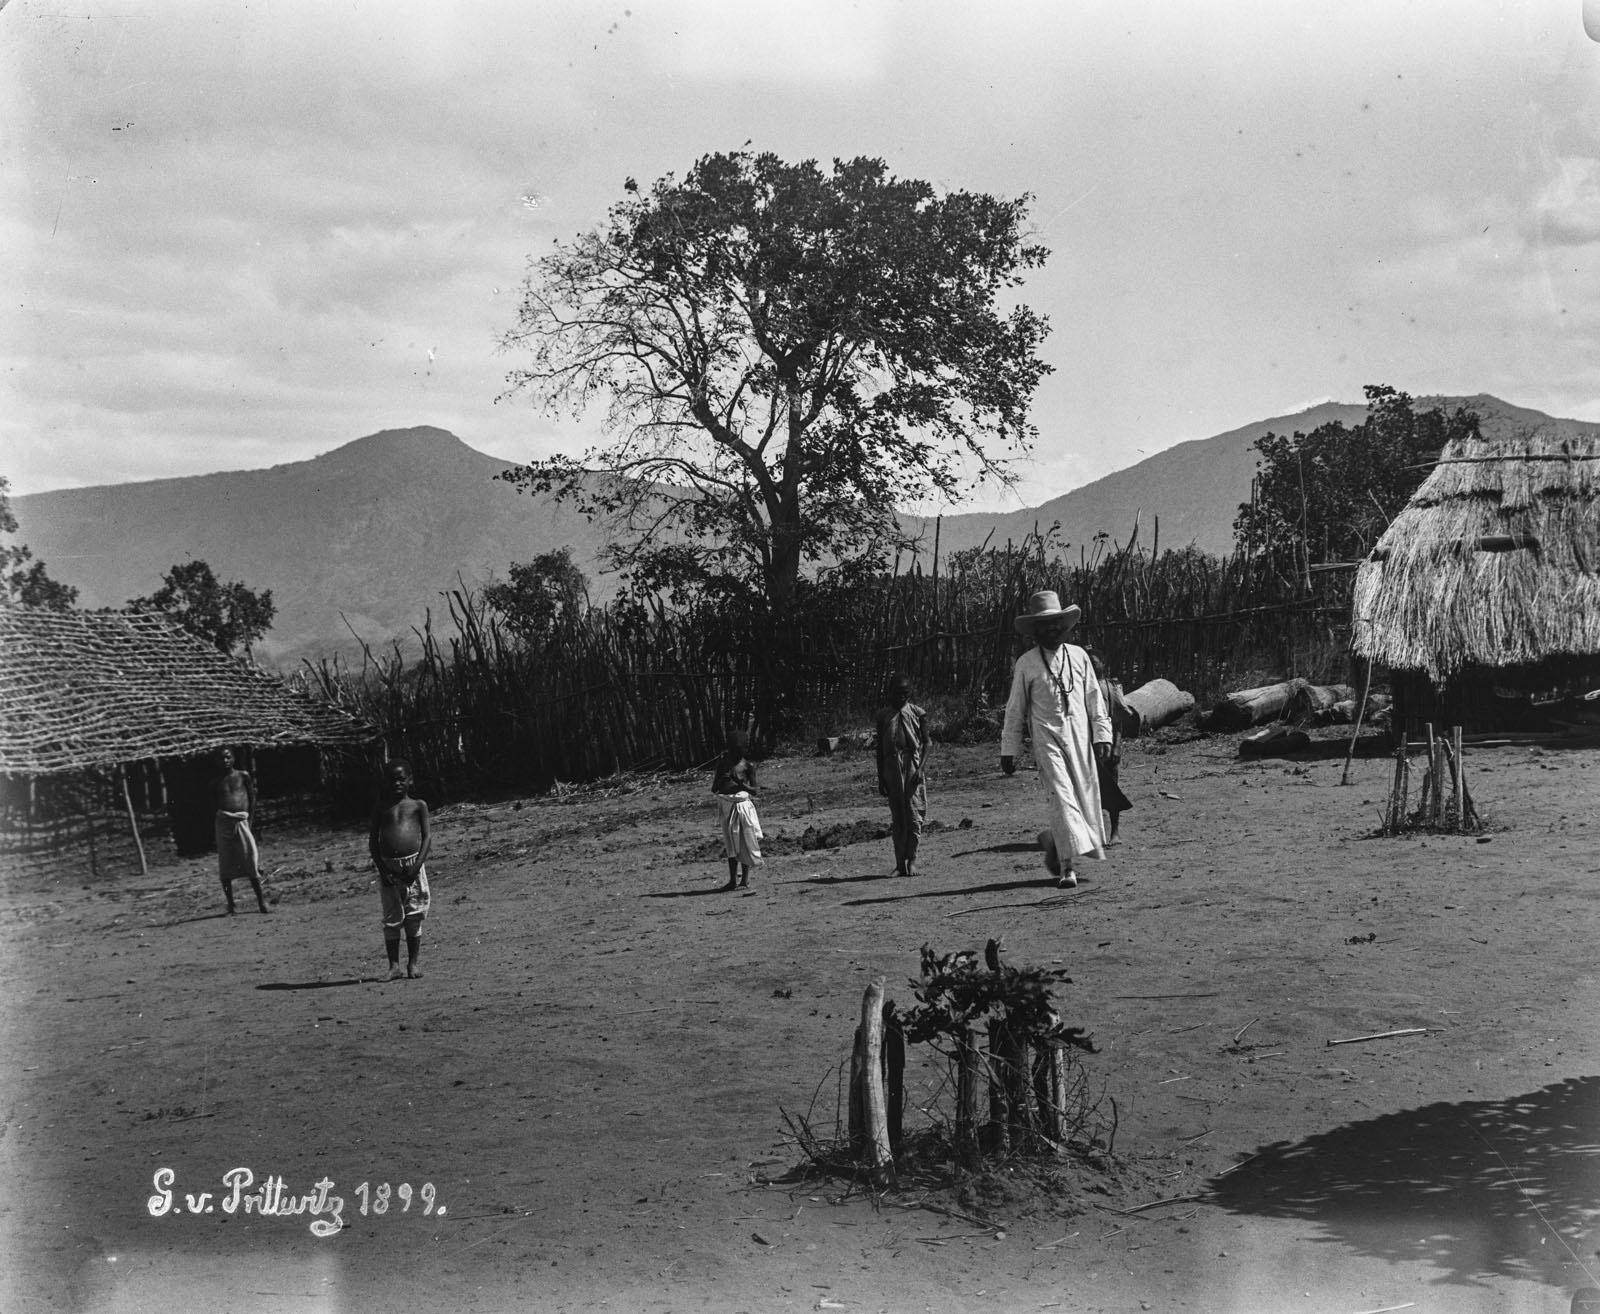 28. 1899. Миссионер и дети на миссионерской станции в Рукве